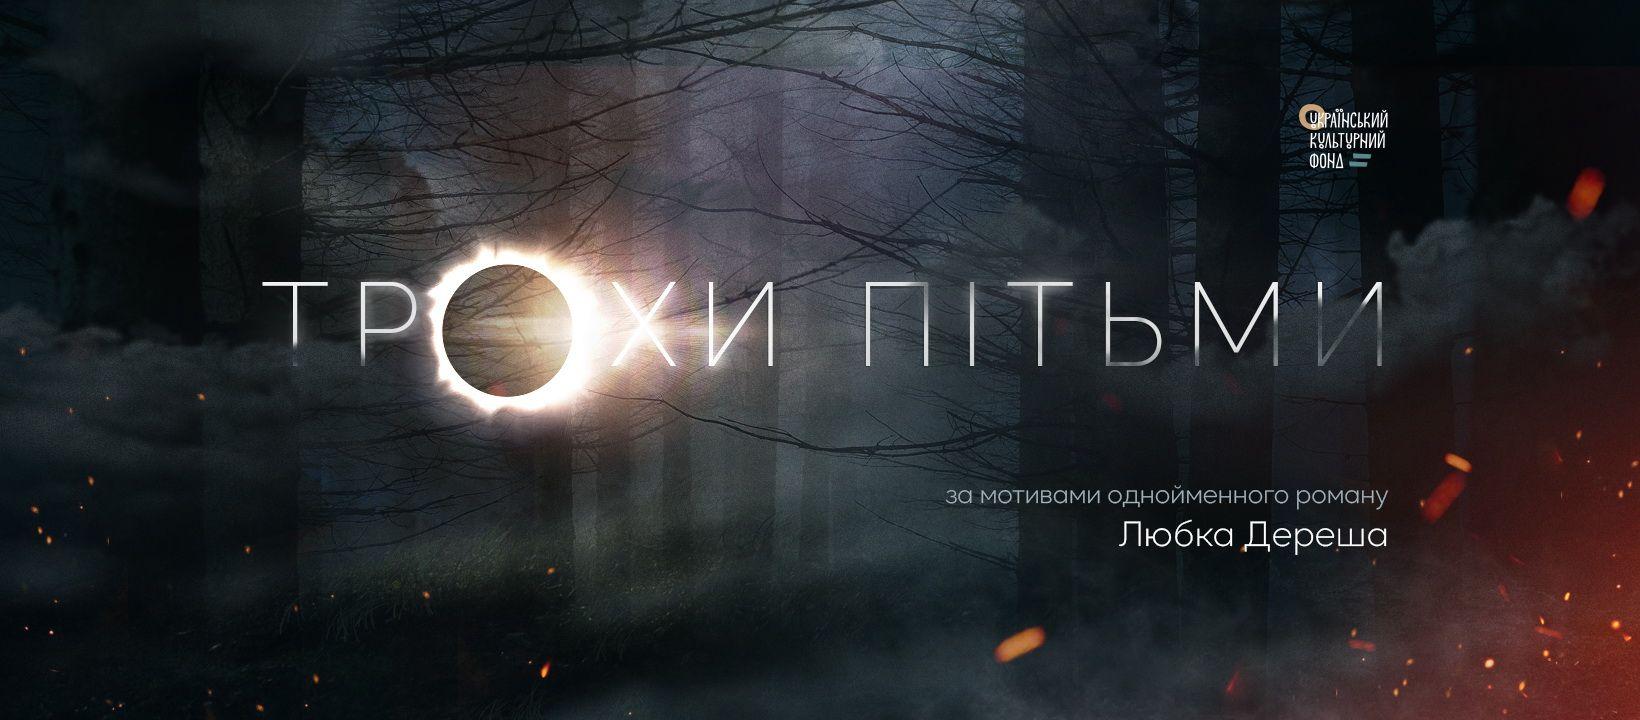 В Україні знімуть містичну драму за романом Любка Дереша